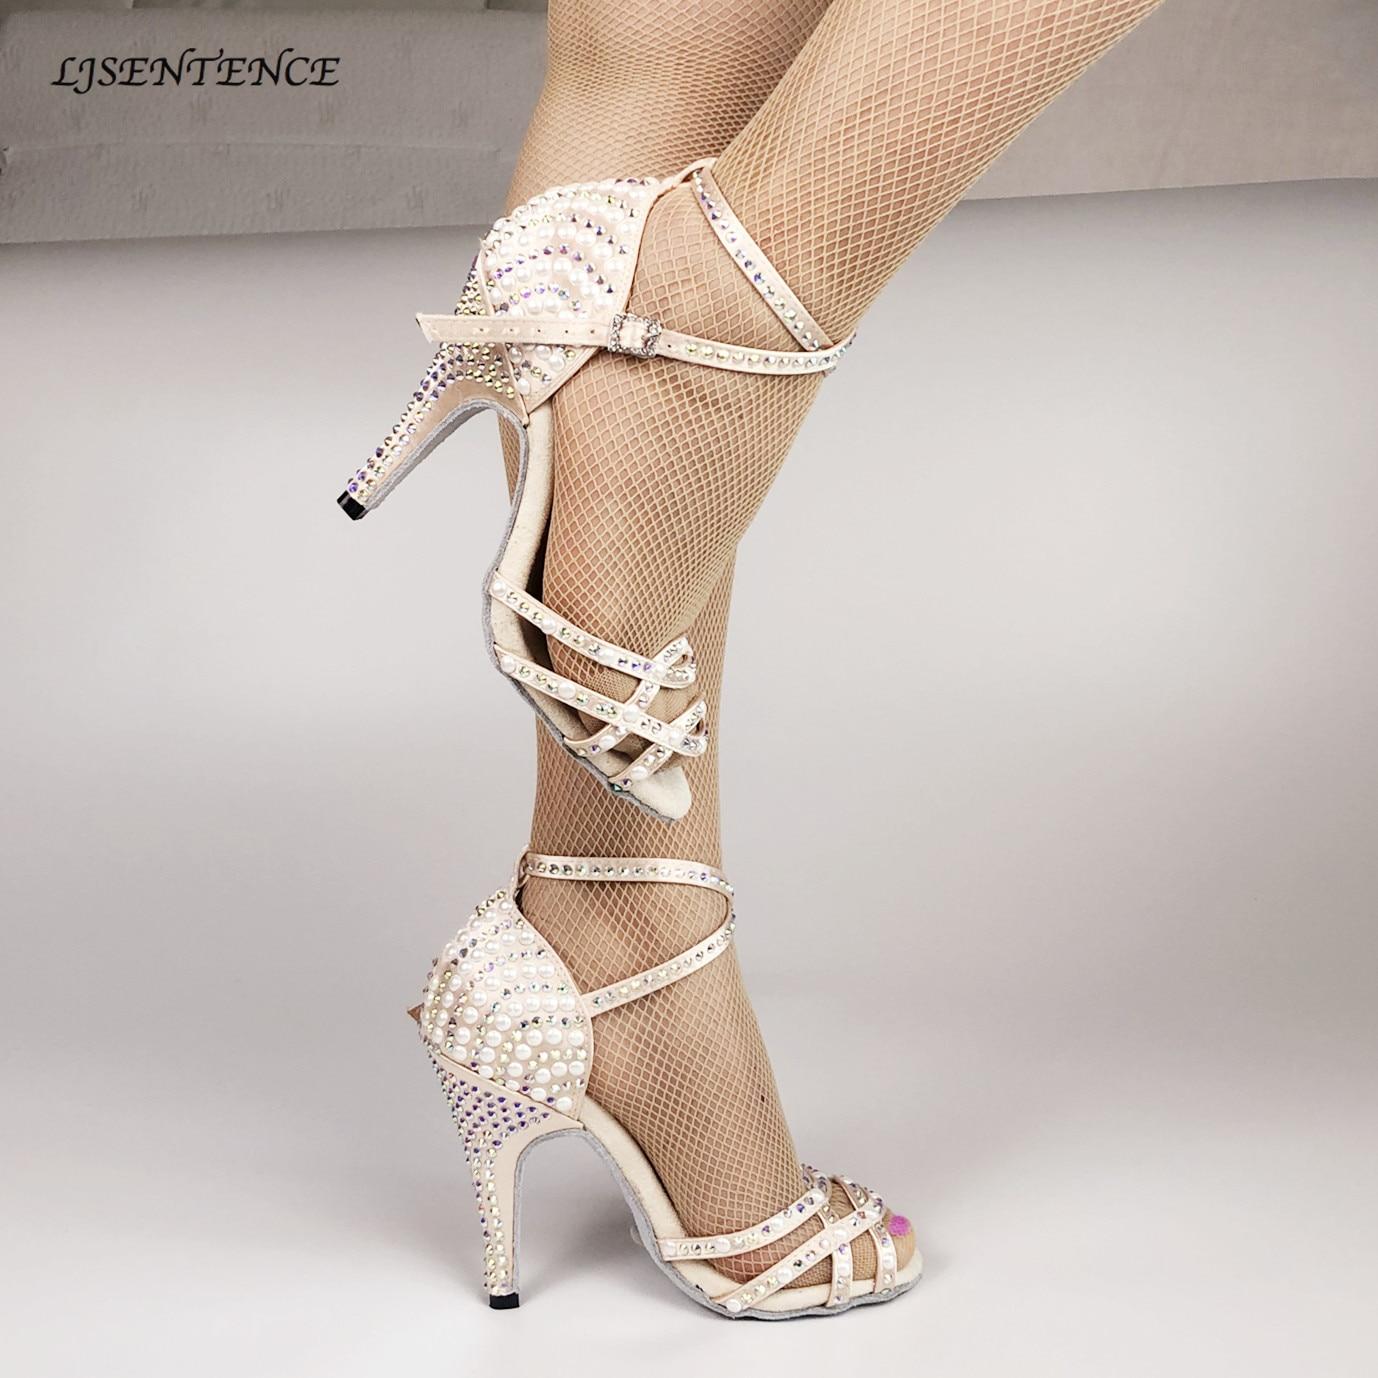 Fashion Ballroom Latin Tango Dance Shoes Women Soft Sole High Heels for Women Skin Color Stable Dancing latin dance shoes woman